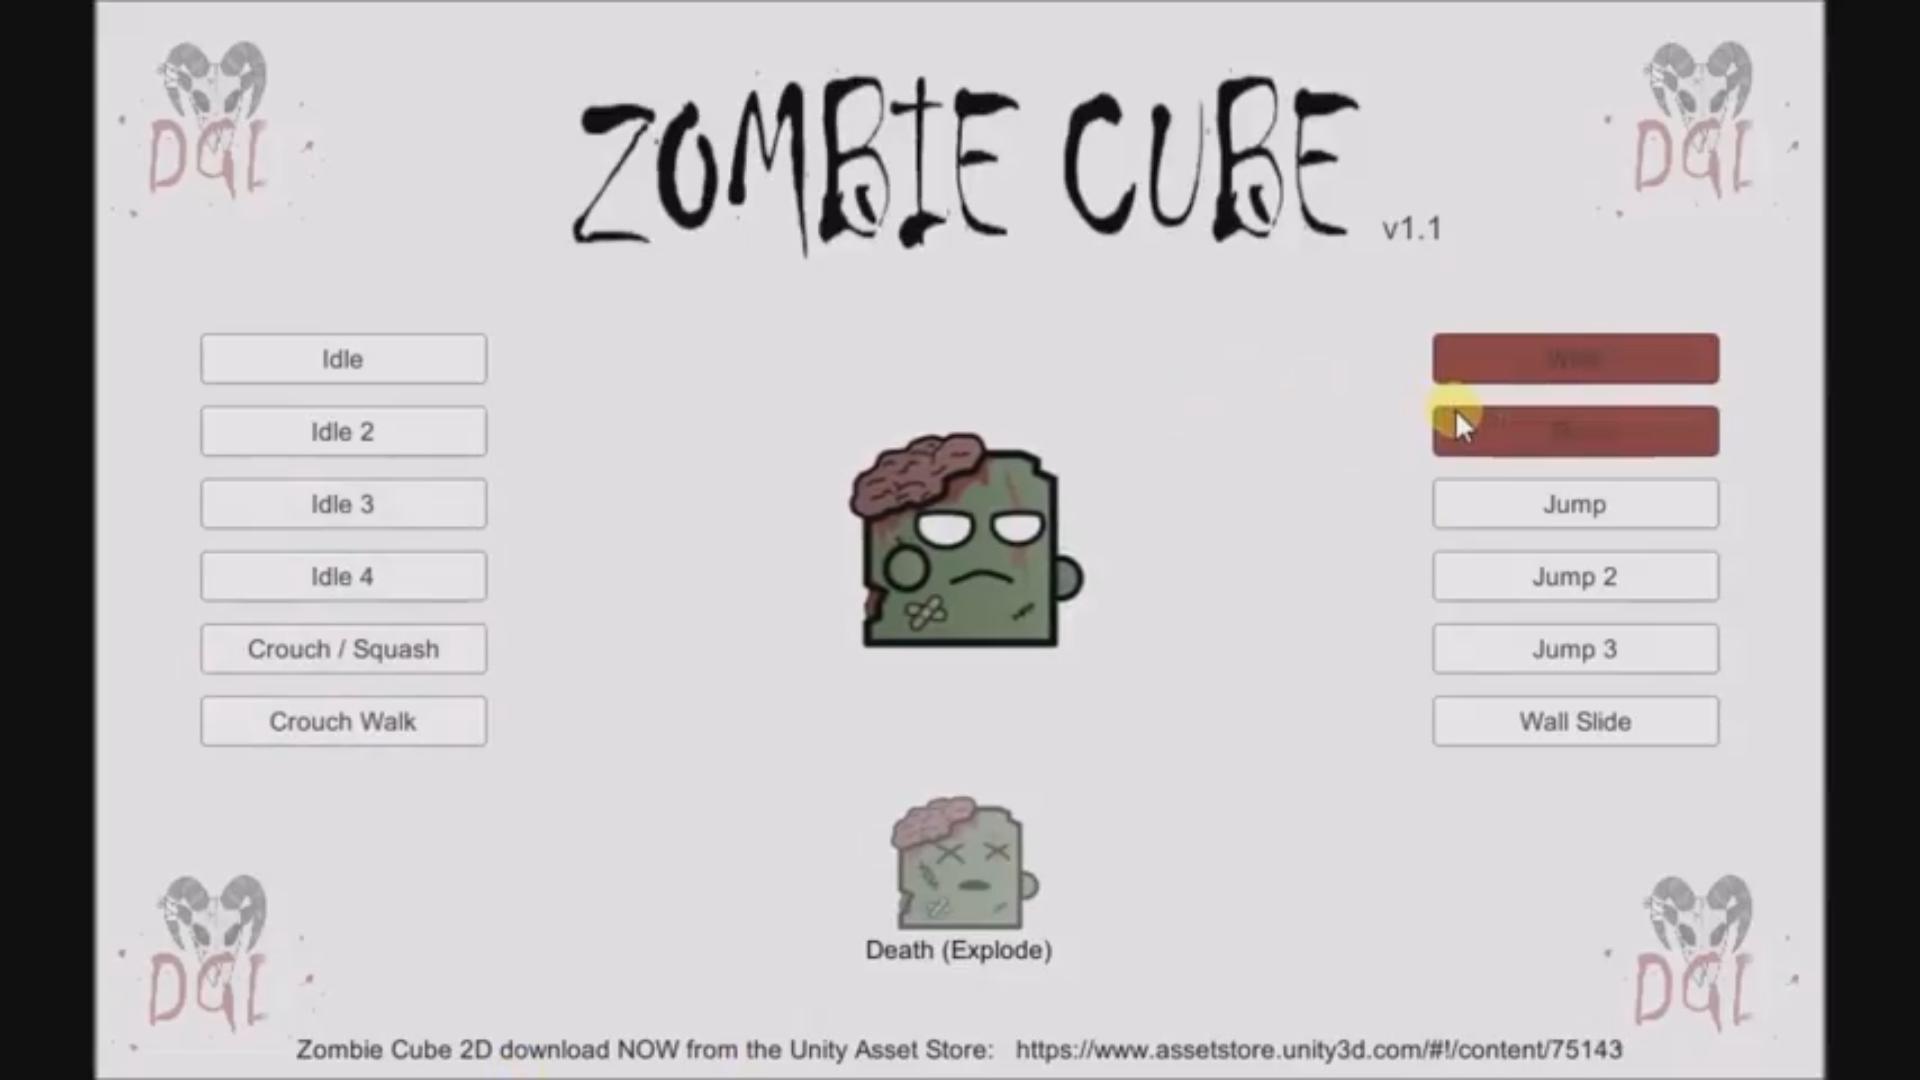 Zombie Cube 2D